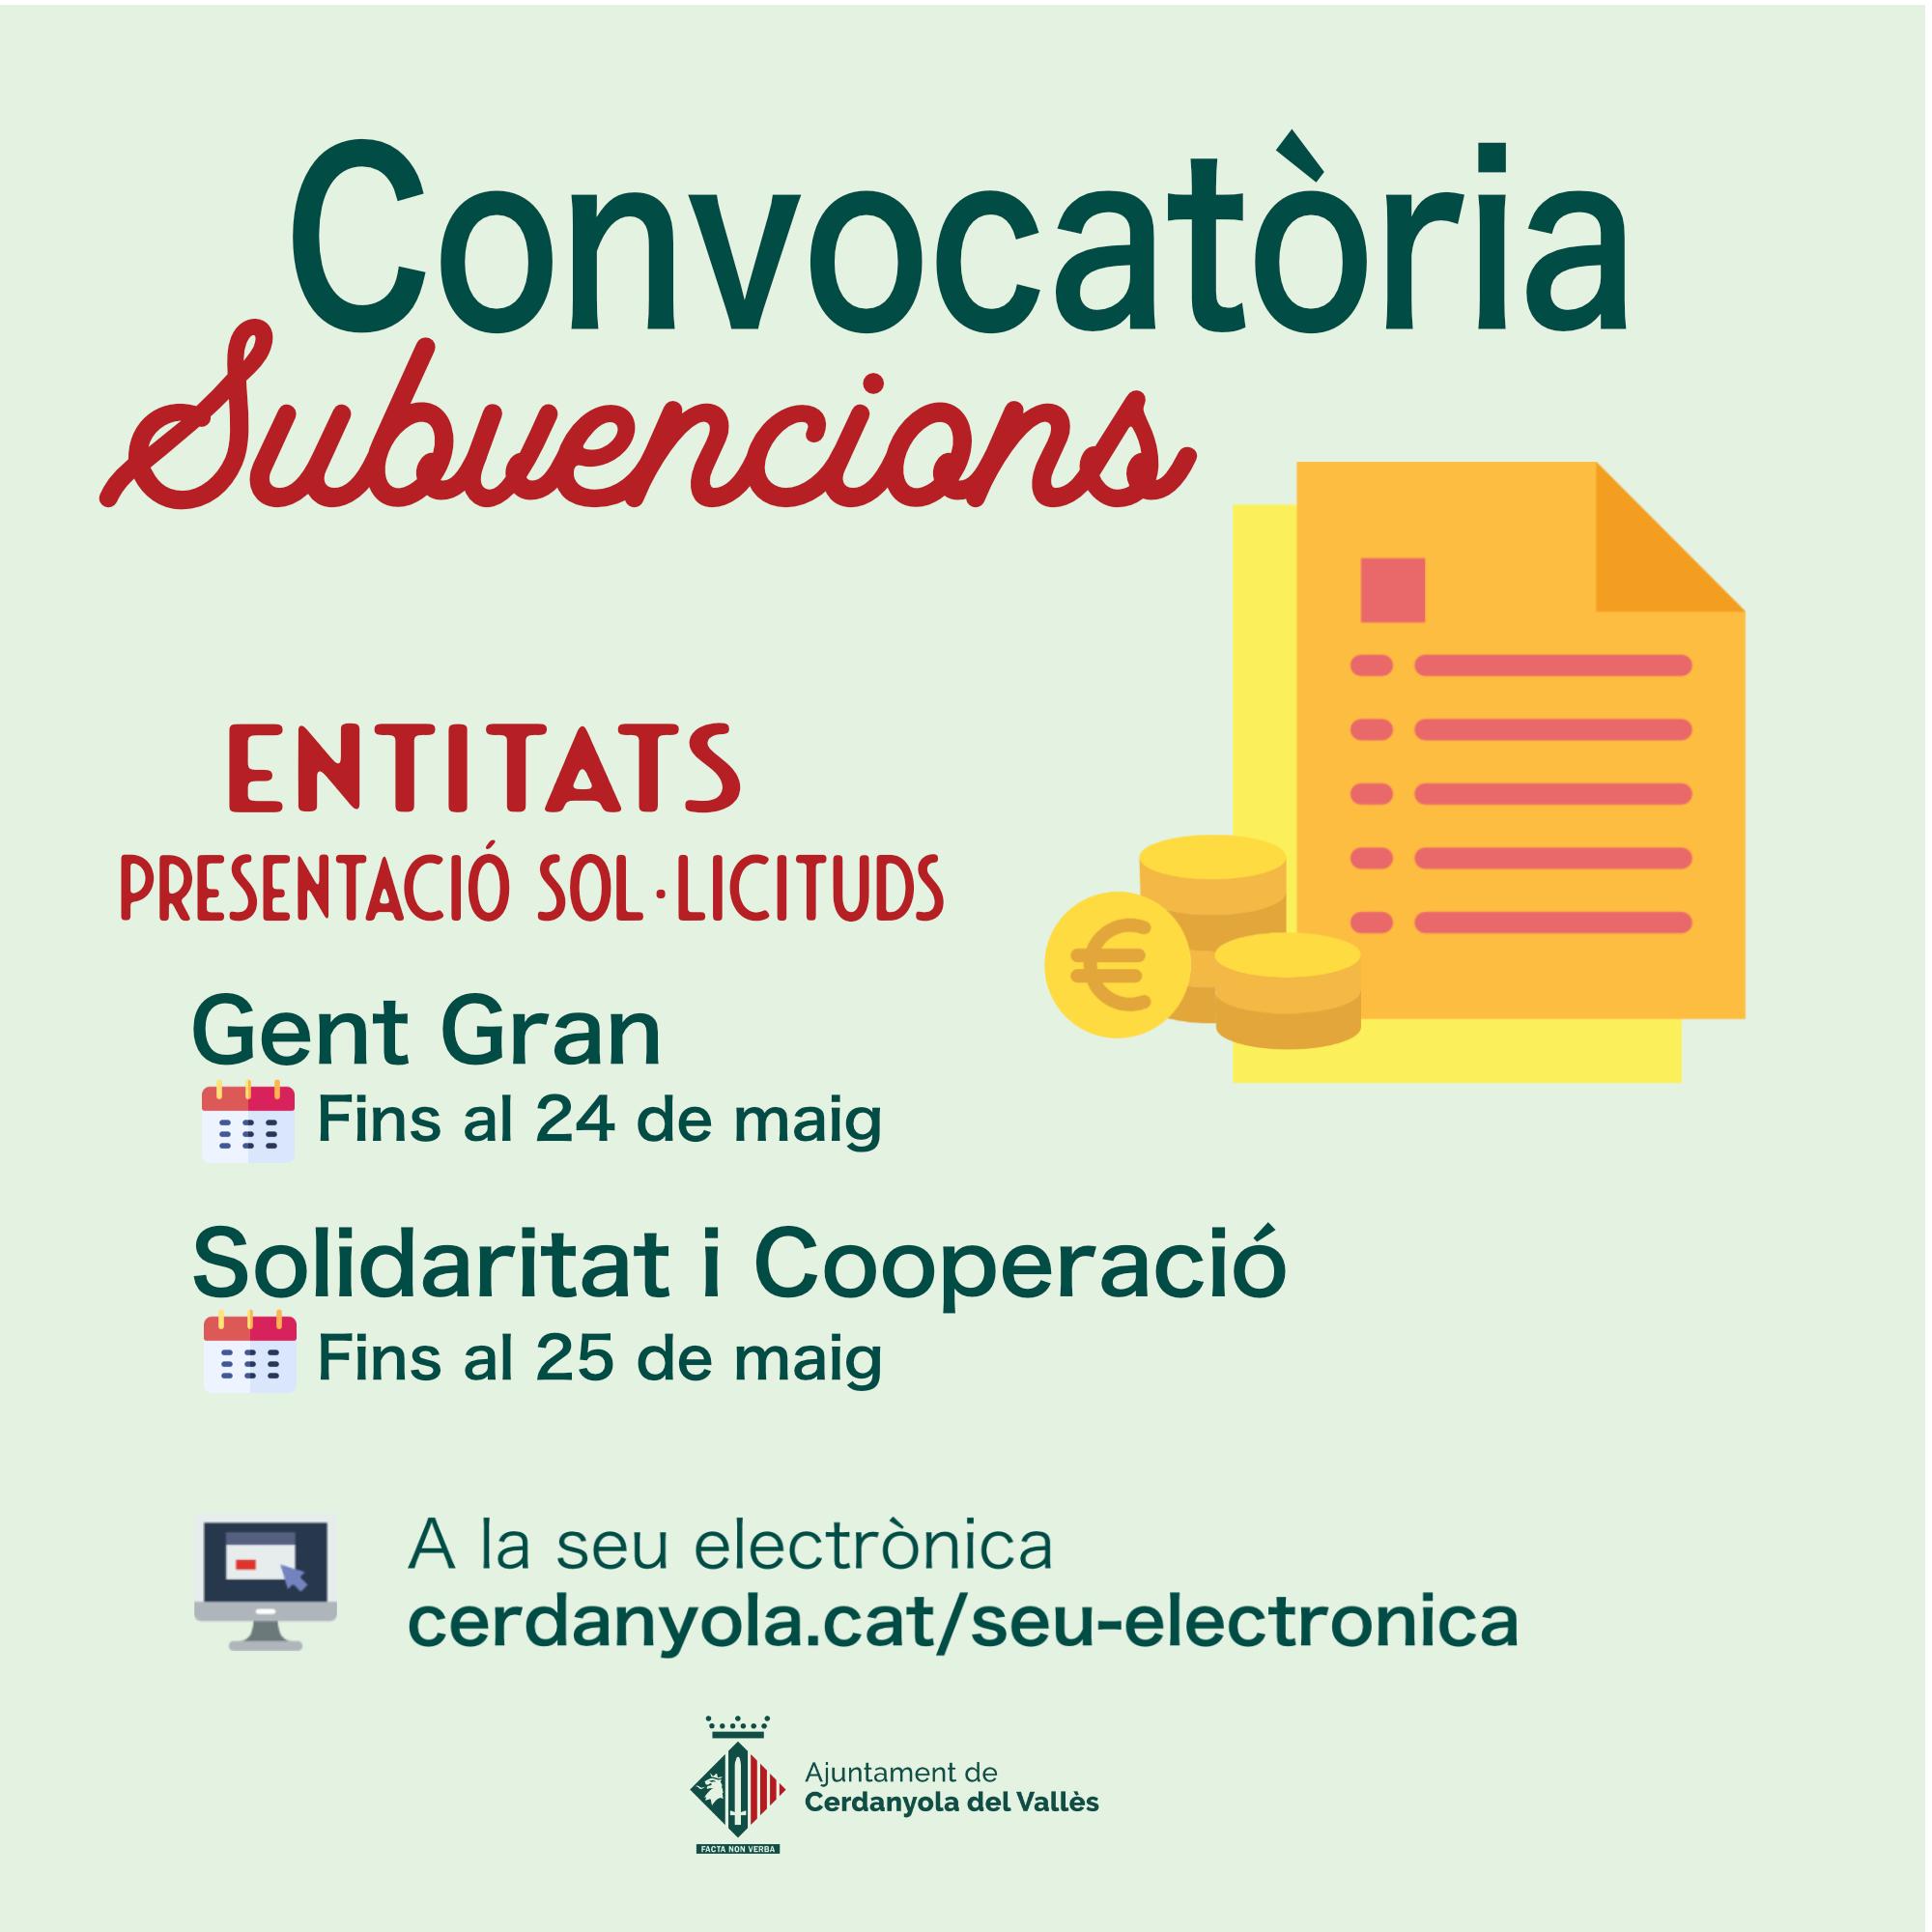 Imatge convocatòria subvencions entitats